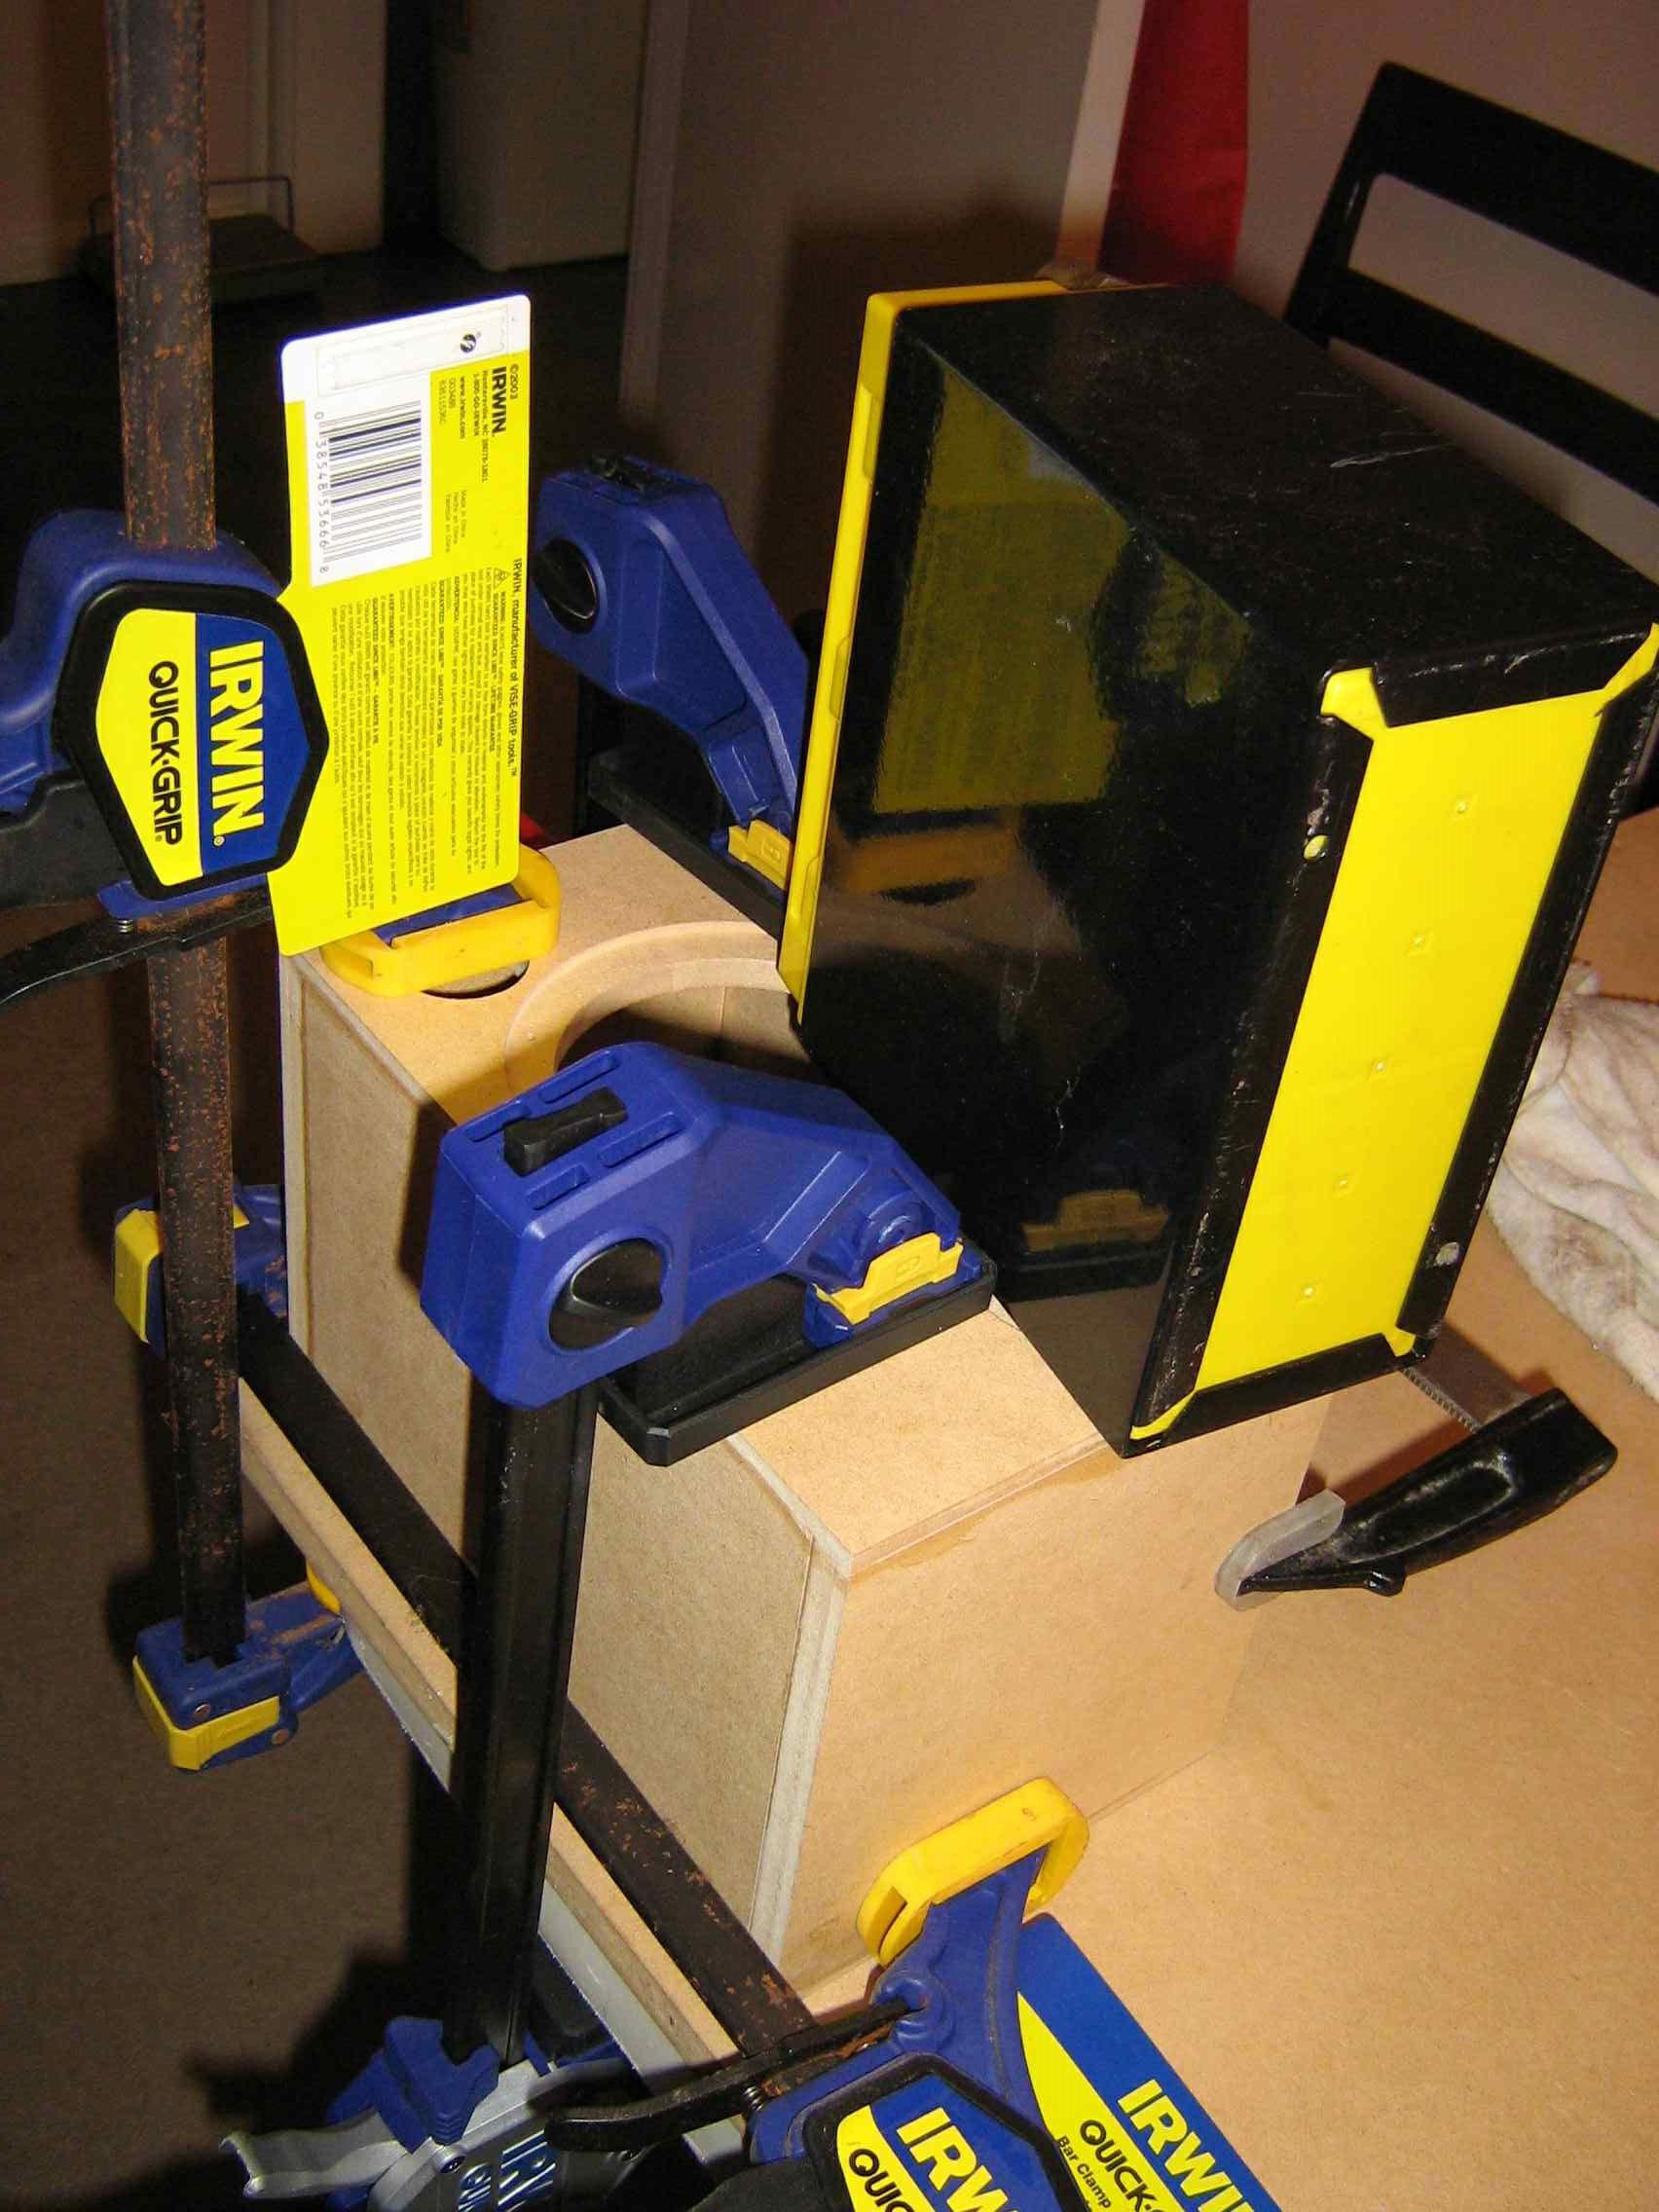 LSK - Loudspeaker Kit M4 Mk2 Speaker Kit Review